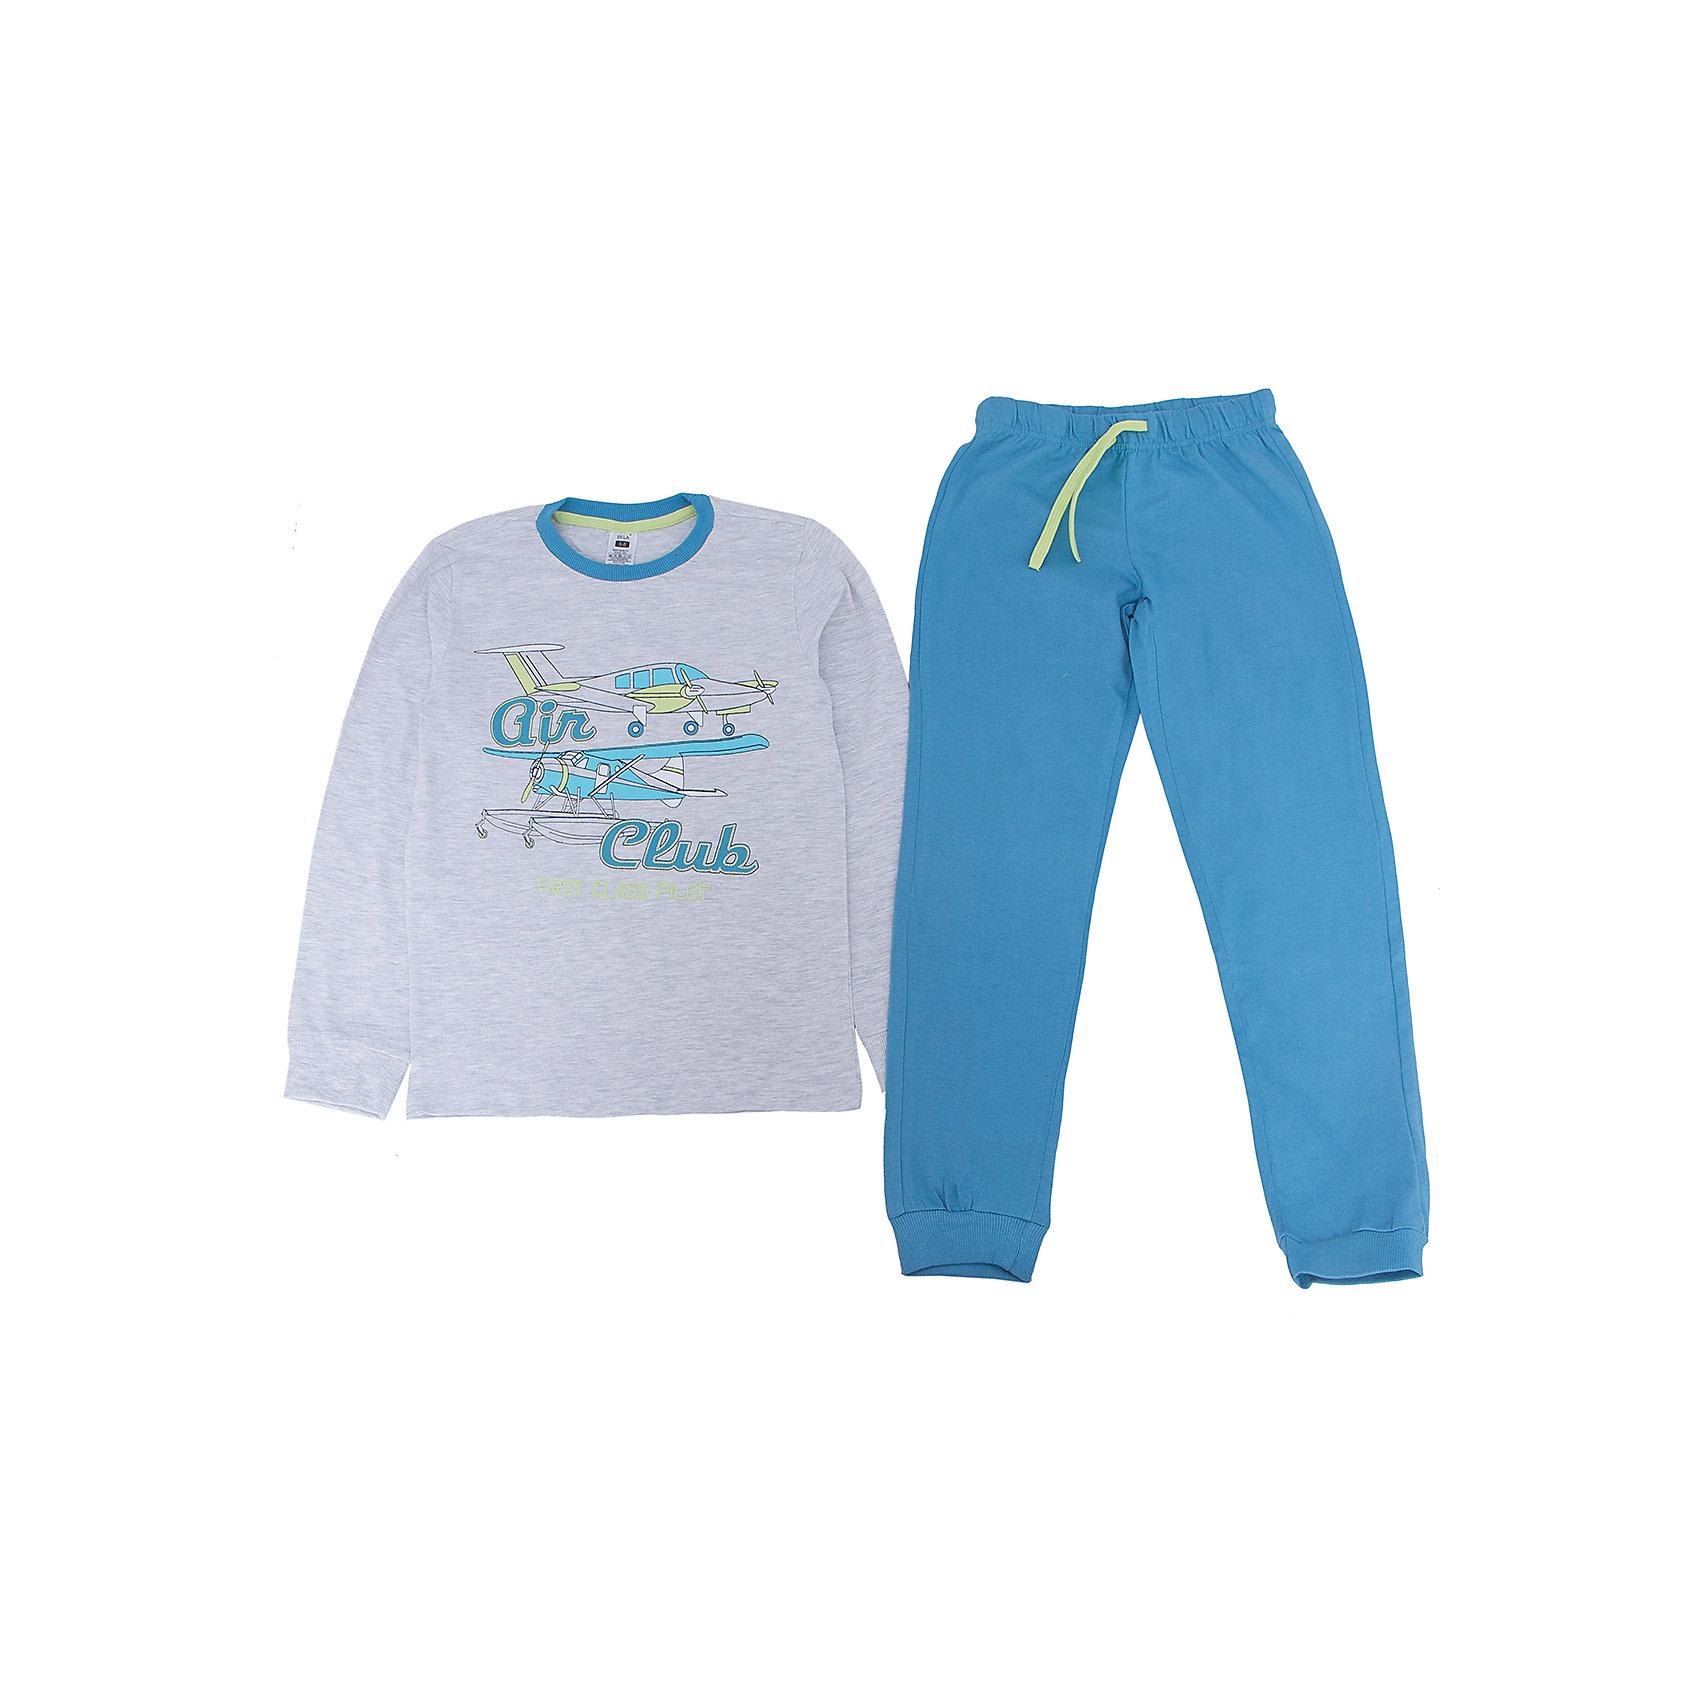 Пижама для мальчика SELAПижамы и сорочки<br>Пижама для мальчика SELA<br><br>Характеристики:<br><br>- цвет: серый/голубой<br>- в комплект входит: штаны, кофта<br>- свободный силуэт<br>- эластичные манжеты<br>- состав: кофта: хлопок 93%, полиэстер 7%; штаны: хлопок 100% <br>- для детей в возрасте: от 2 до 6 лет<br>- страна производитель: Индия<br><br>Яркая пижама сине-серого цвета из новой коллекции весна 2017 от популярного бренда одежды SELA (Сэла). Пижама с большими самолетами отлично подойдет для использования на каждый день в прохладное время года. Натуральная хлопчатобумажная ткань изделия отлично пропускает воздух и позволяет коже дышать. Свободный силуэт пижамы обеспечивает необходимый комфорт во время сна. Воздушная тематика новой пижамы поможет отправиться на поиски приключений в мир приятных и увлекательных снов. <br><br>Пижаму для мальчика SELA можно купить в нашем интернет-магазине.<br><br>Ширина мм: 281<br>Глубина мм: 70<br>Высота мм: 188<br>Вес г: 295<br>Цвет: серый<br>Возраст от месяцев: 96<br>Возраст до месяцев: 108<br>Пол: Мужской<br>Возраст: Детский<br>Размер: 128/134,140/146,92/98,104/110,116/122<br>SKU: 5302893